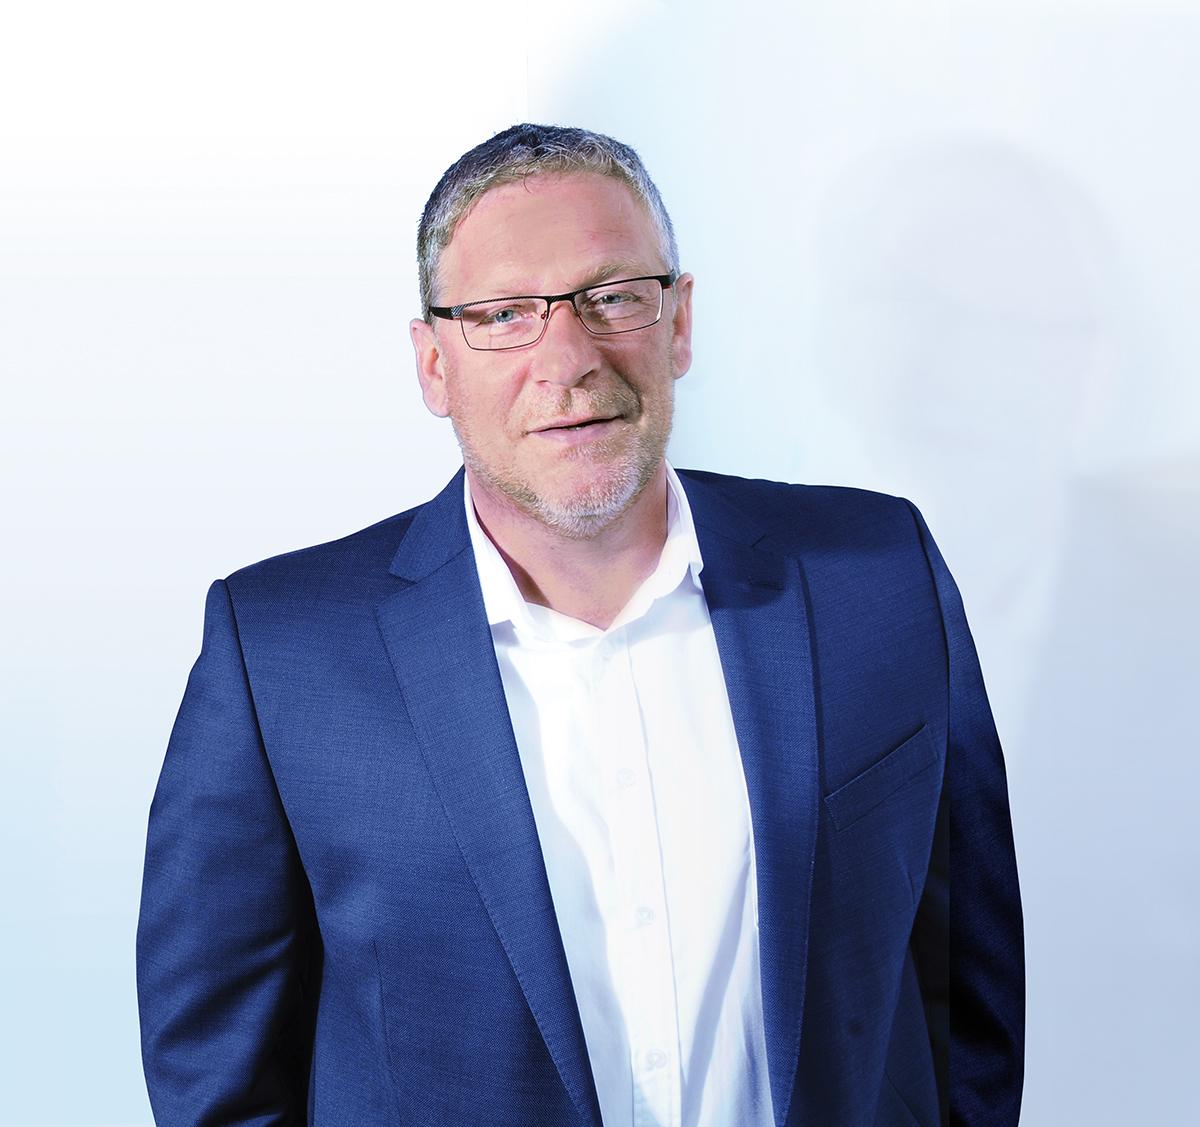 Markus Buch